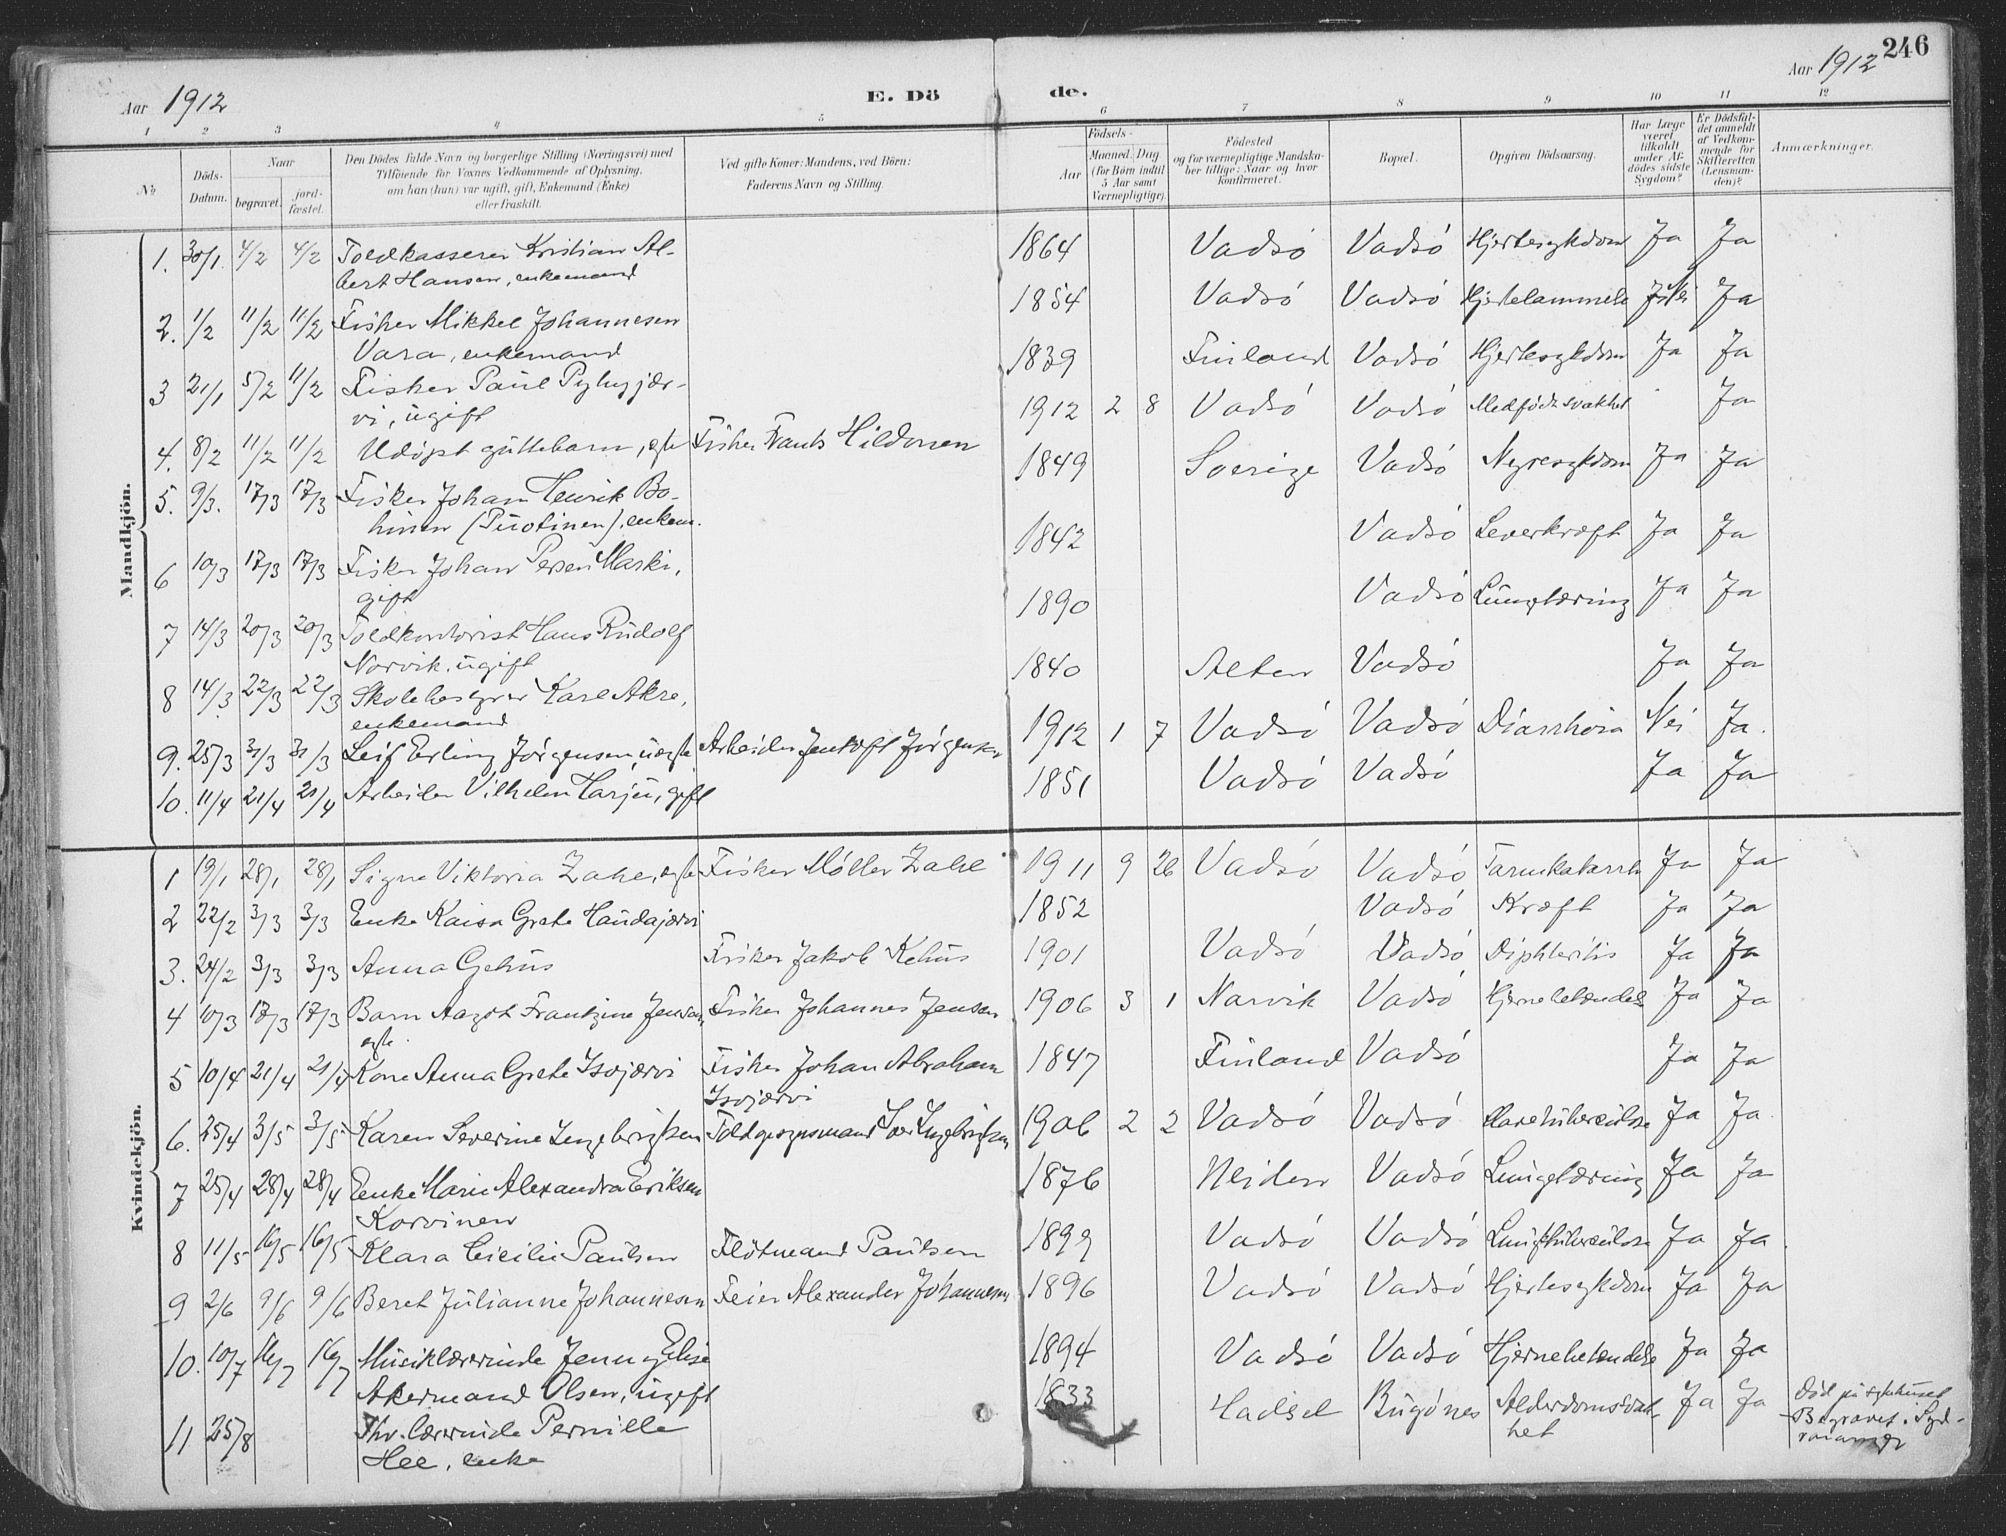 SATØ, Vadsø sokneprestkontor, H/Ha/L0007kirke: Ministerialbok nr. 7, 1896-1916, s. 246